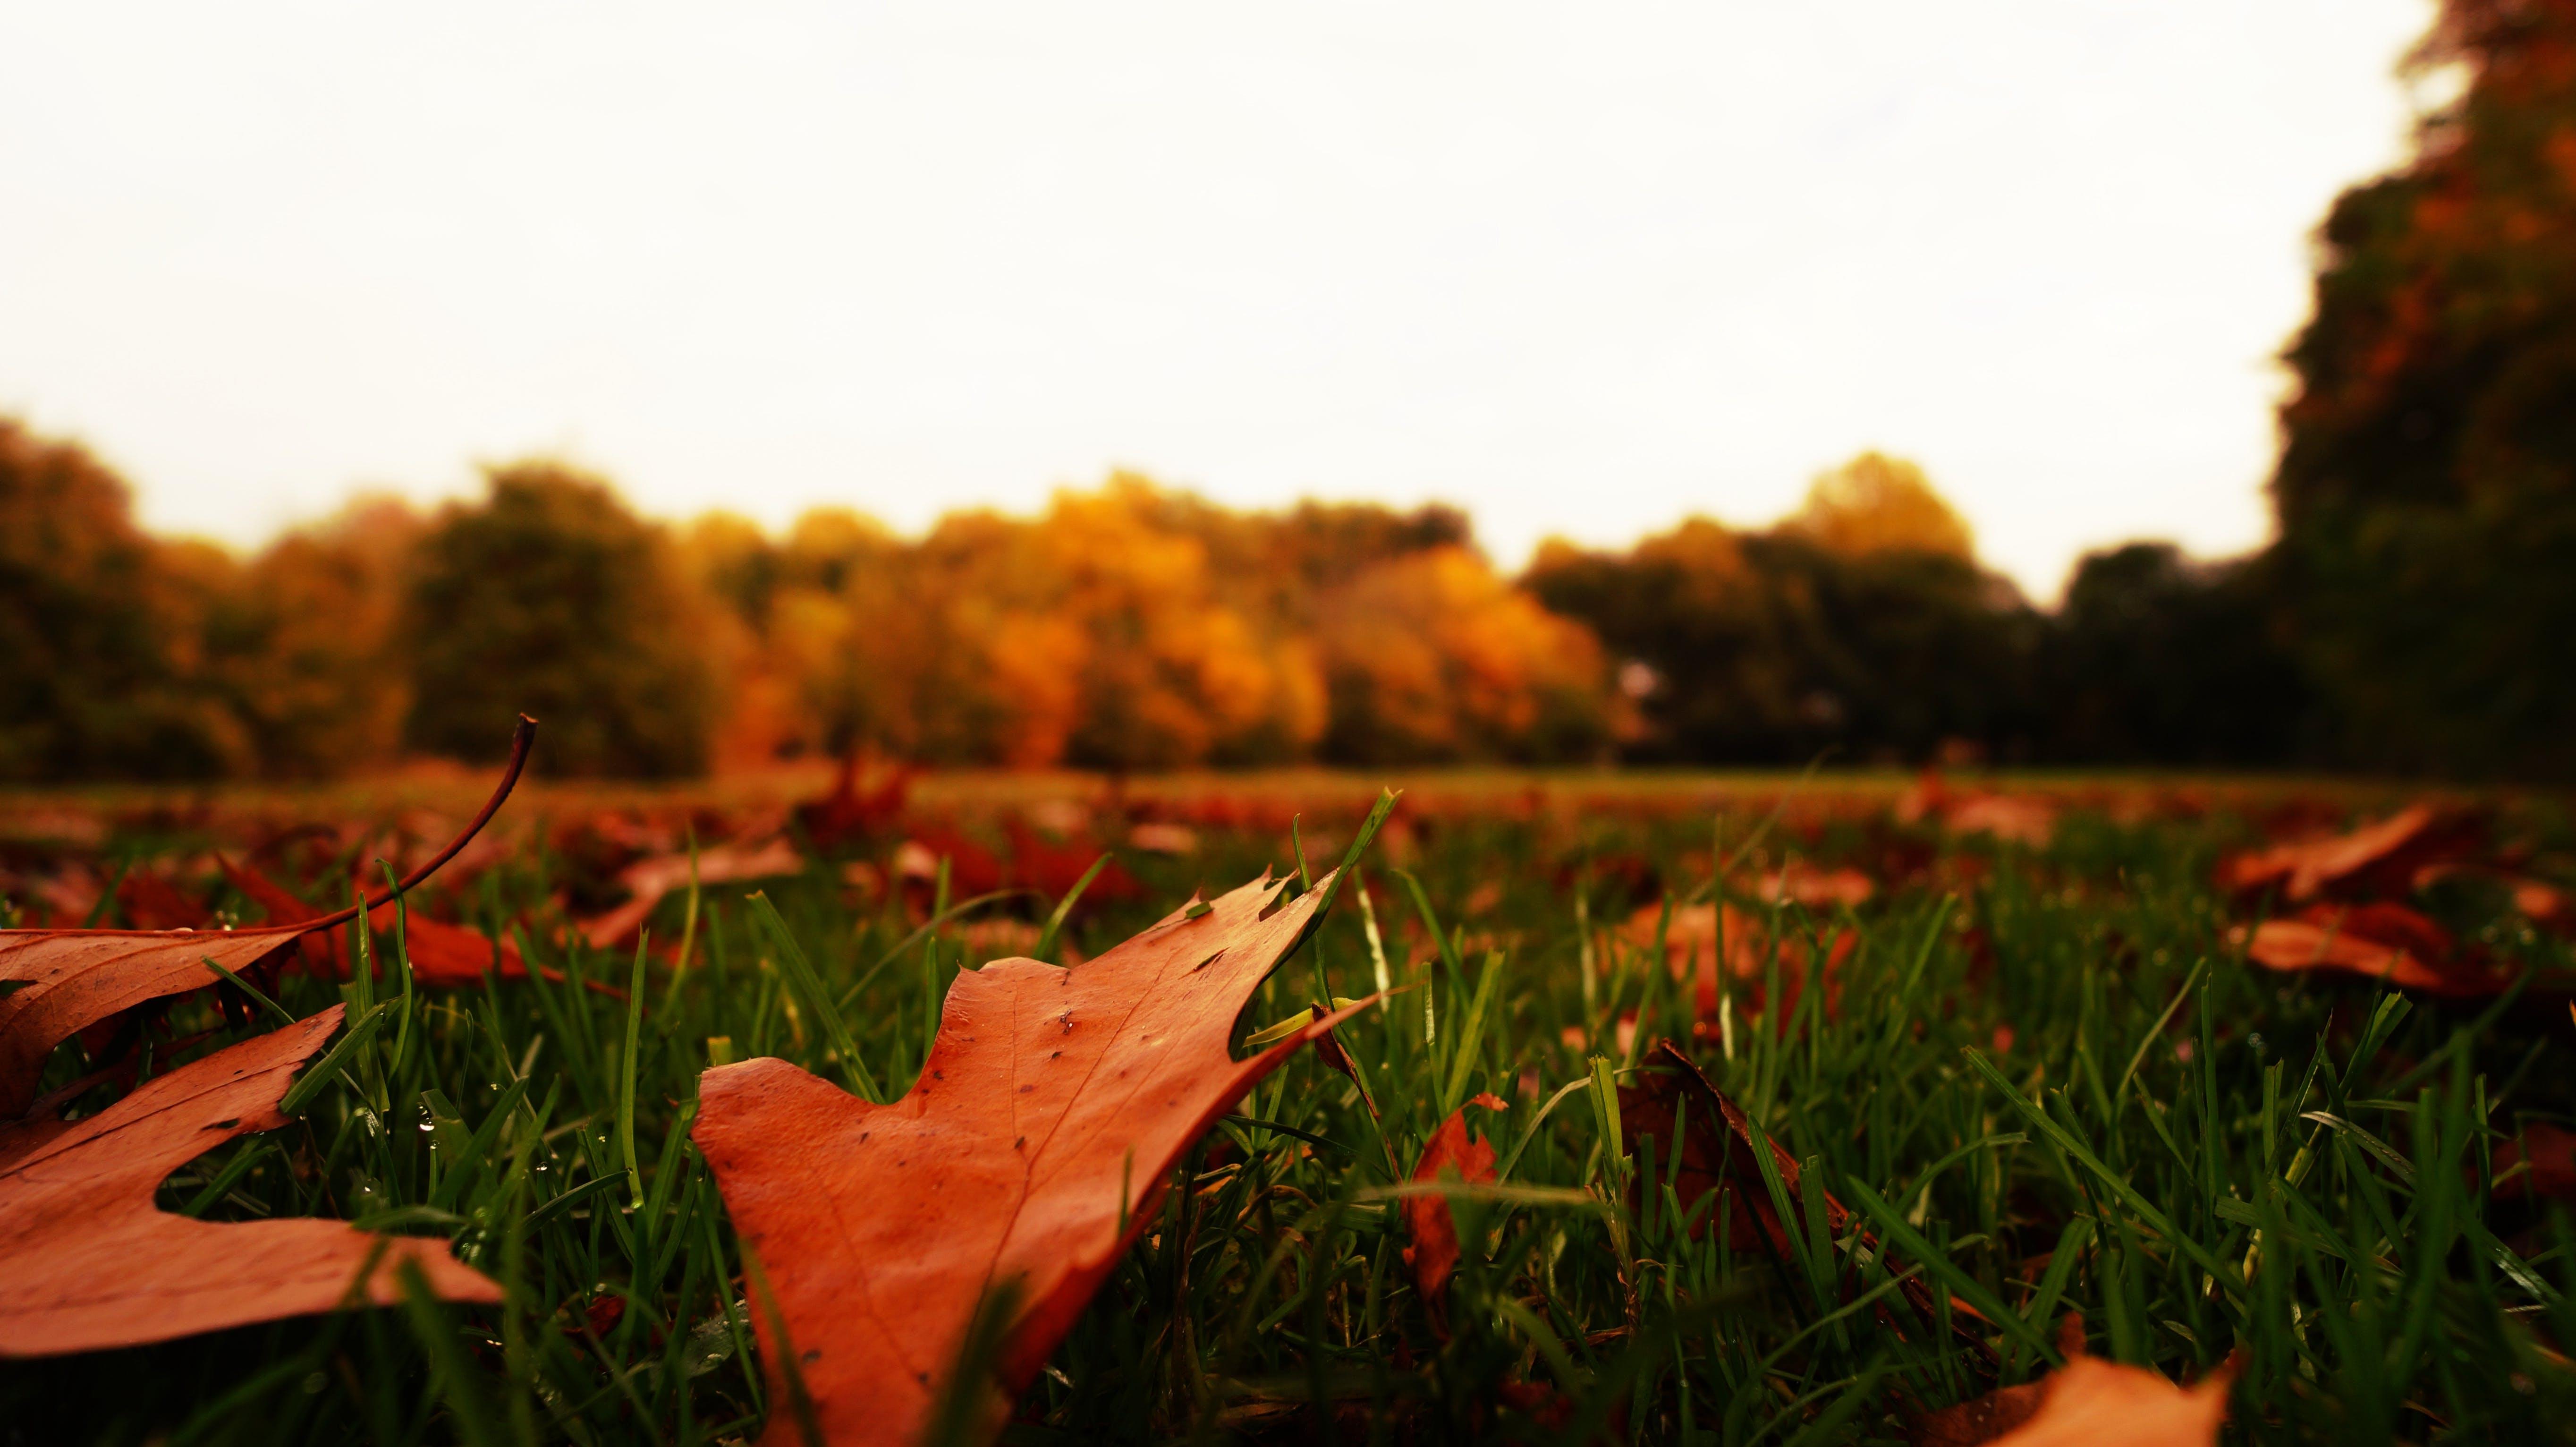 ağaçlar, bulanıklık, çevre, çim içeren Ücretsiz stok fotoğraf